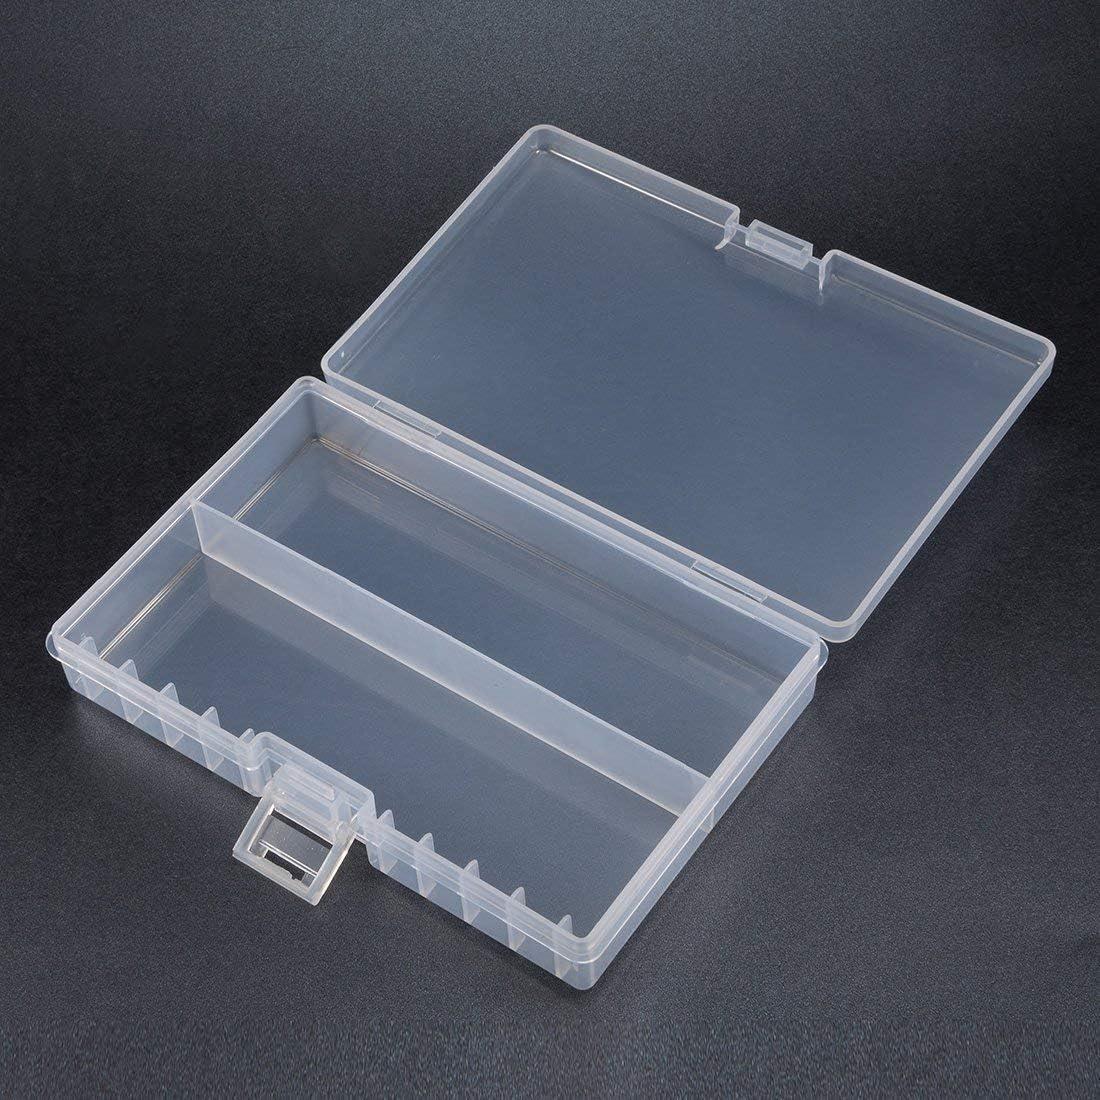 DealMux AA Caja de Almacenamiento de batería Transparente Caja de Soporte Organizador de plástico Contenedor de protección portátil para 48xAA: Amazon.es: Electrónica